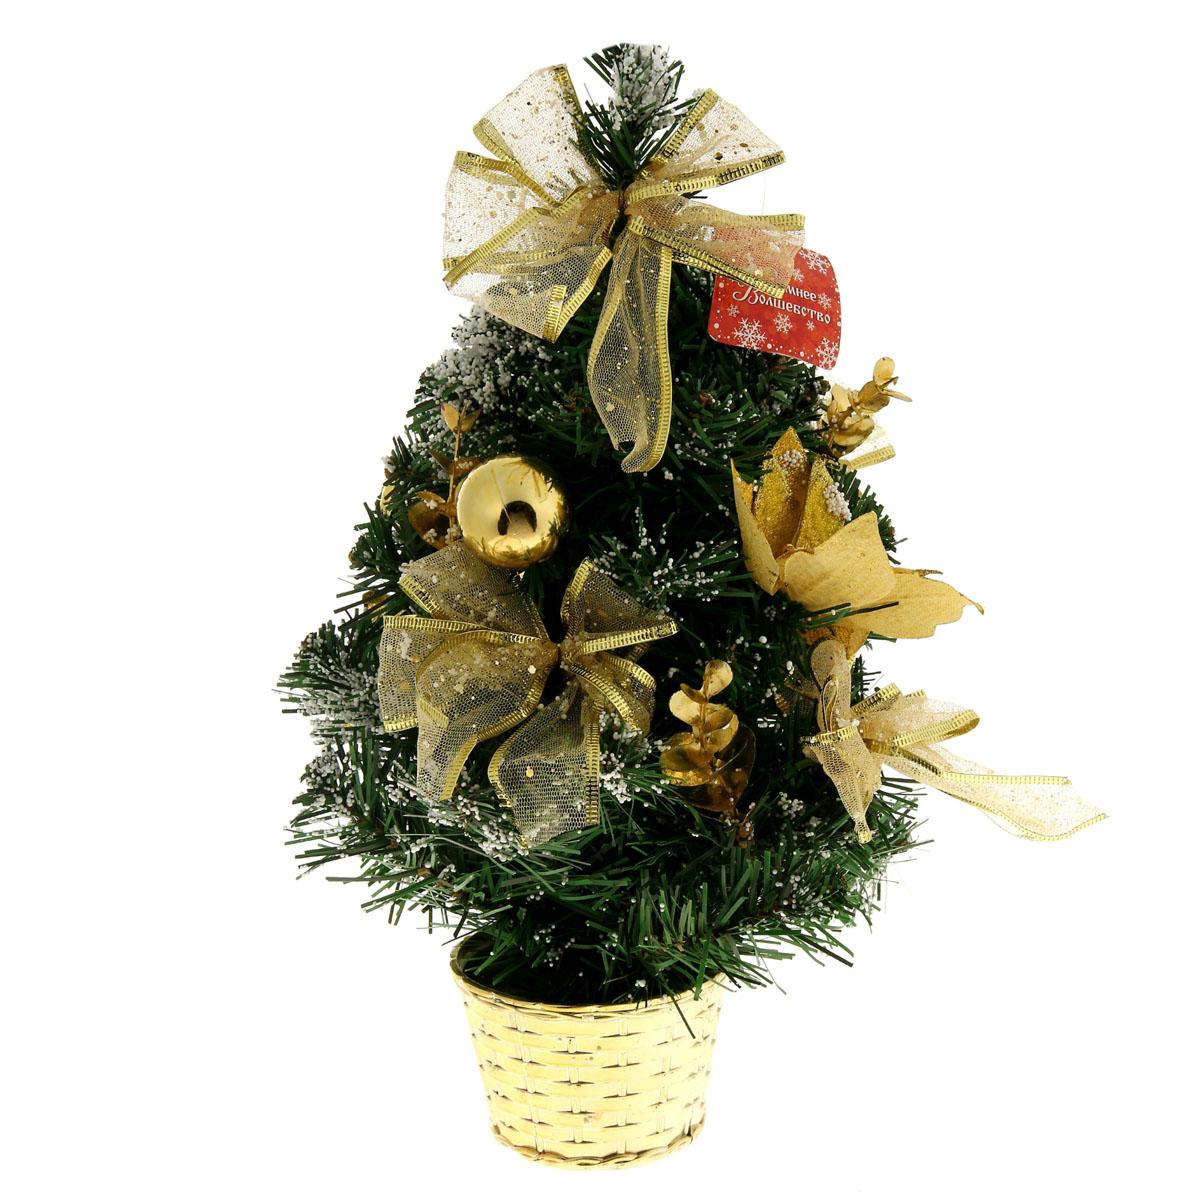 Декоративное украшение Sima-land Новогодняя елочка, цвет: золотистый, зеленый, высота 40 см. 819246819246Декоративное украшение Sima-land, выполненное из пластика - мини-елочка для оформления интерьера к Новому году. Ее не нужно ни собирать, ни наряжать, зато настроение праздника она создает очень быстро. Елка украшена текстильными бантами, шарами, цветами и белыми шариками в виде снега. Елка украсит интерьер вашего дома или офиса к Новому году и создаст теплую и уютную атмосферу праздника. Откройте для себя удивительный мир сказок и грез. Почувствуйте волшебные минуты ожидания праздника, создайте новогоднее настроение вашим дорогим и близким.